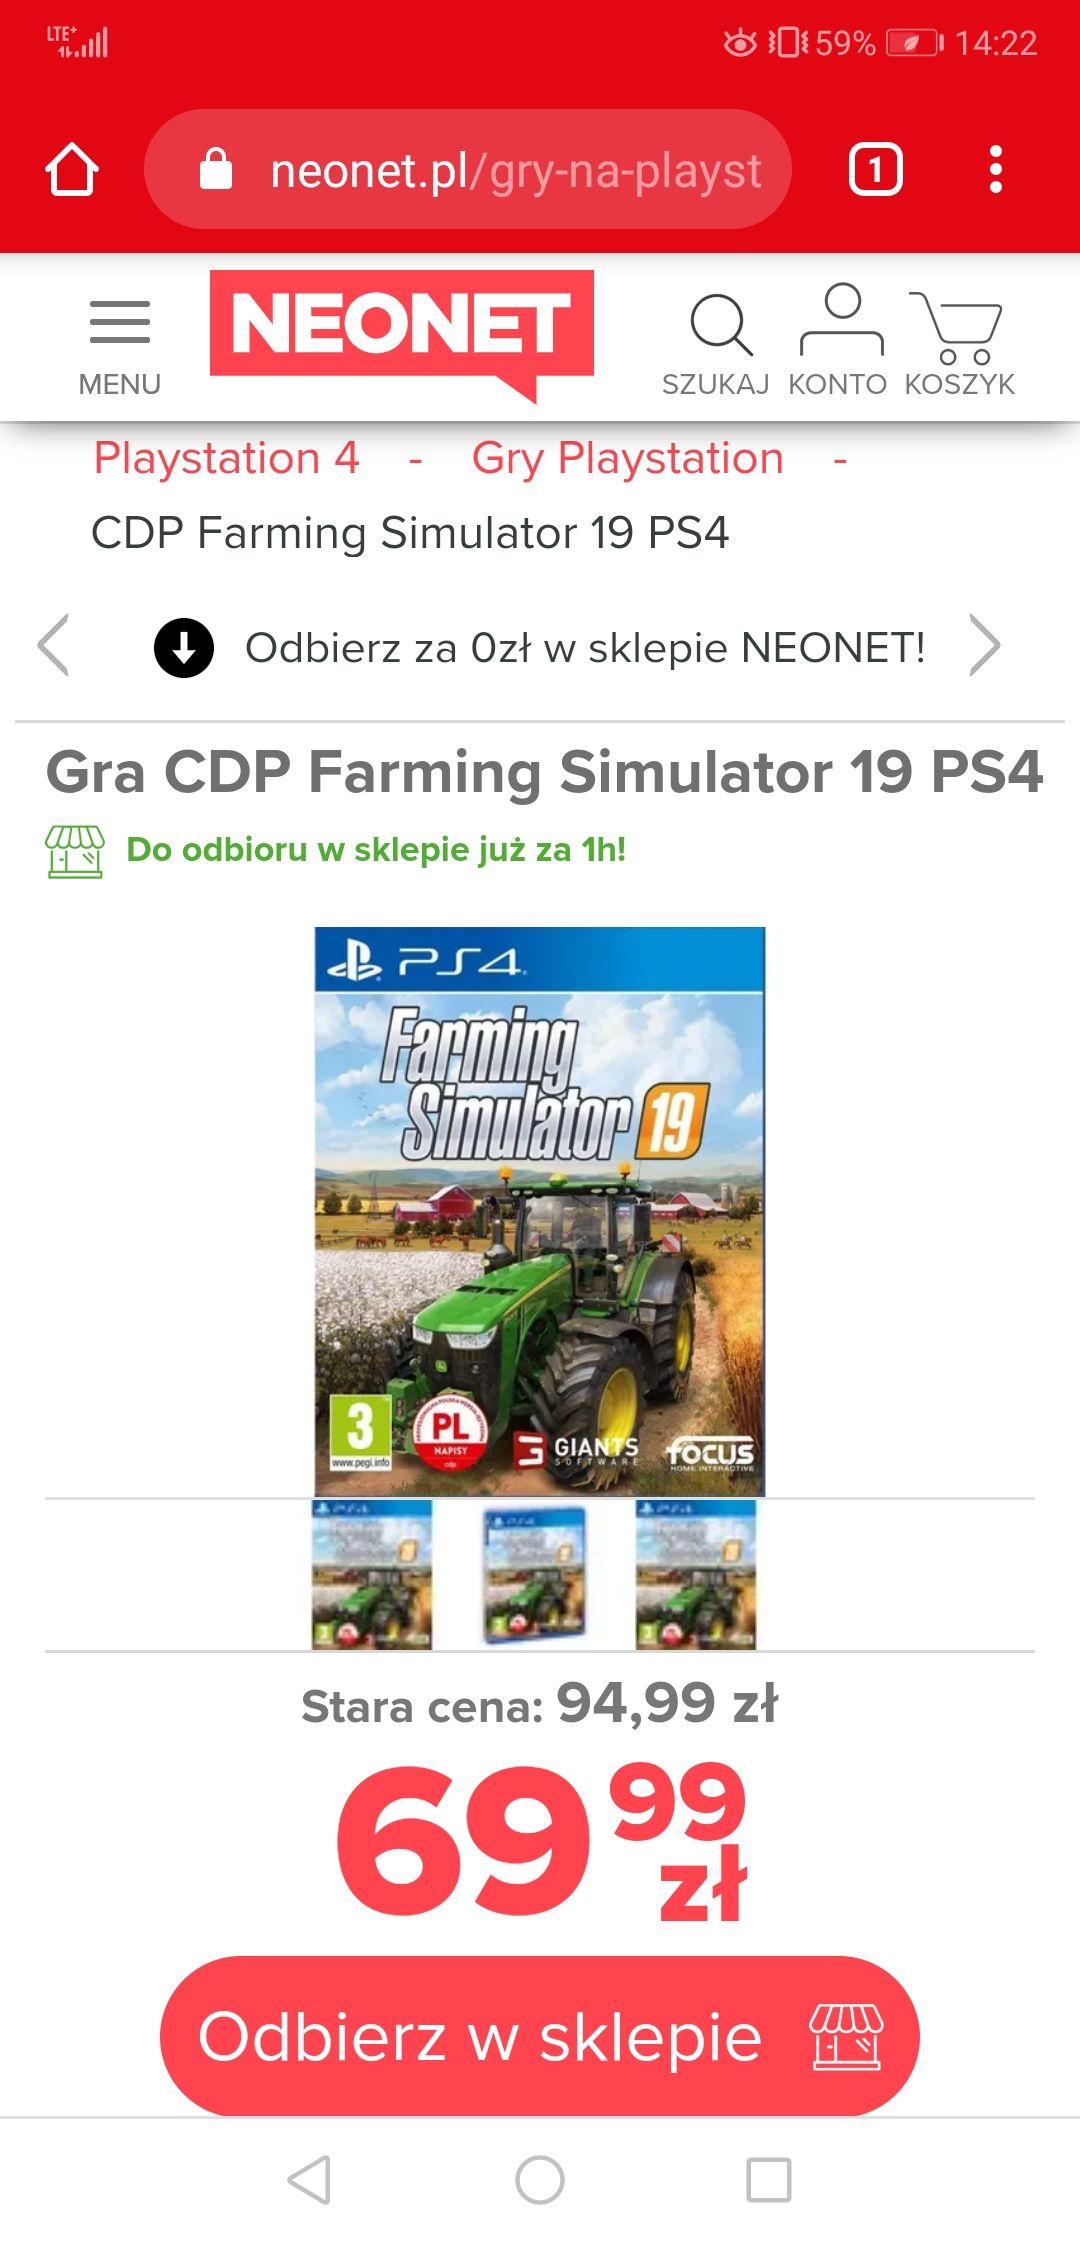 Farming Simulator 19 PS4 wersja pudełkowa cena niższa niż używane na olx